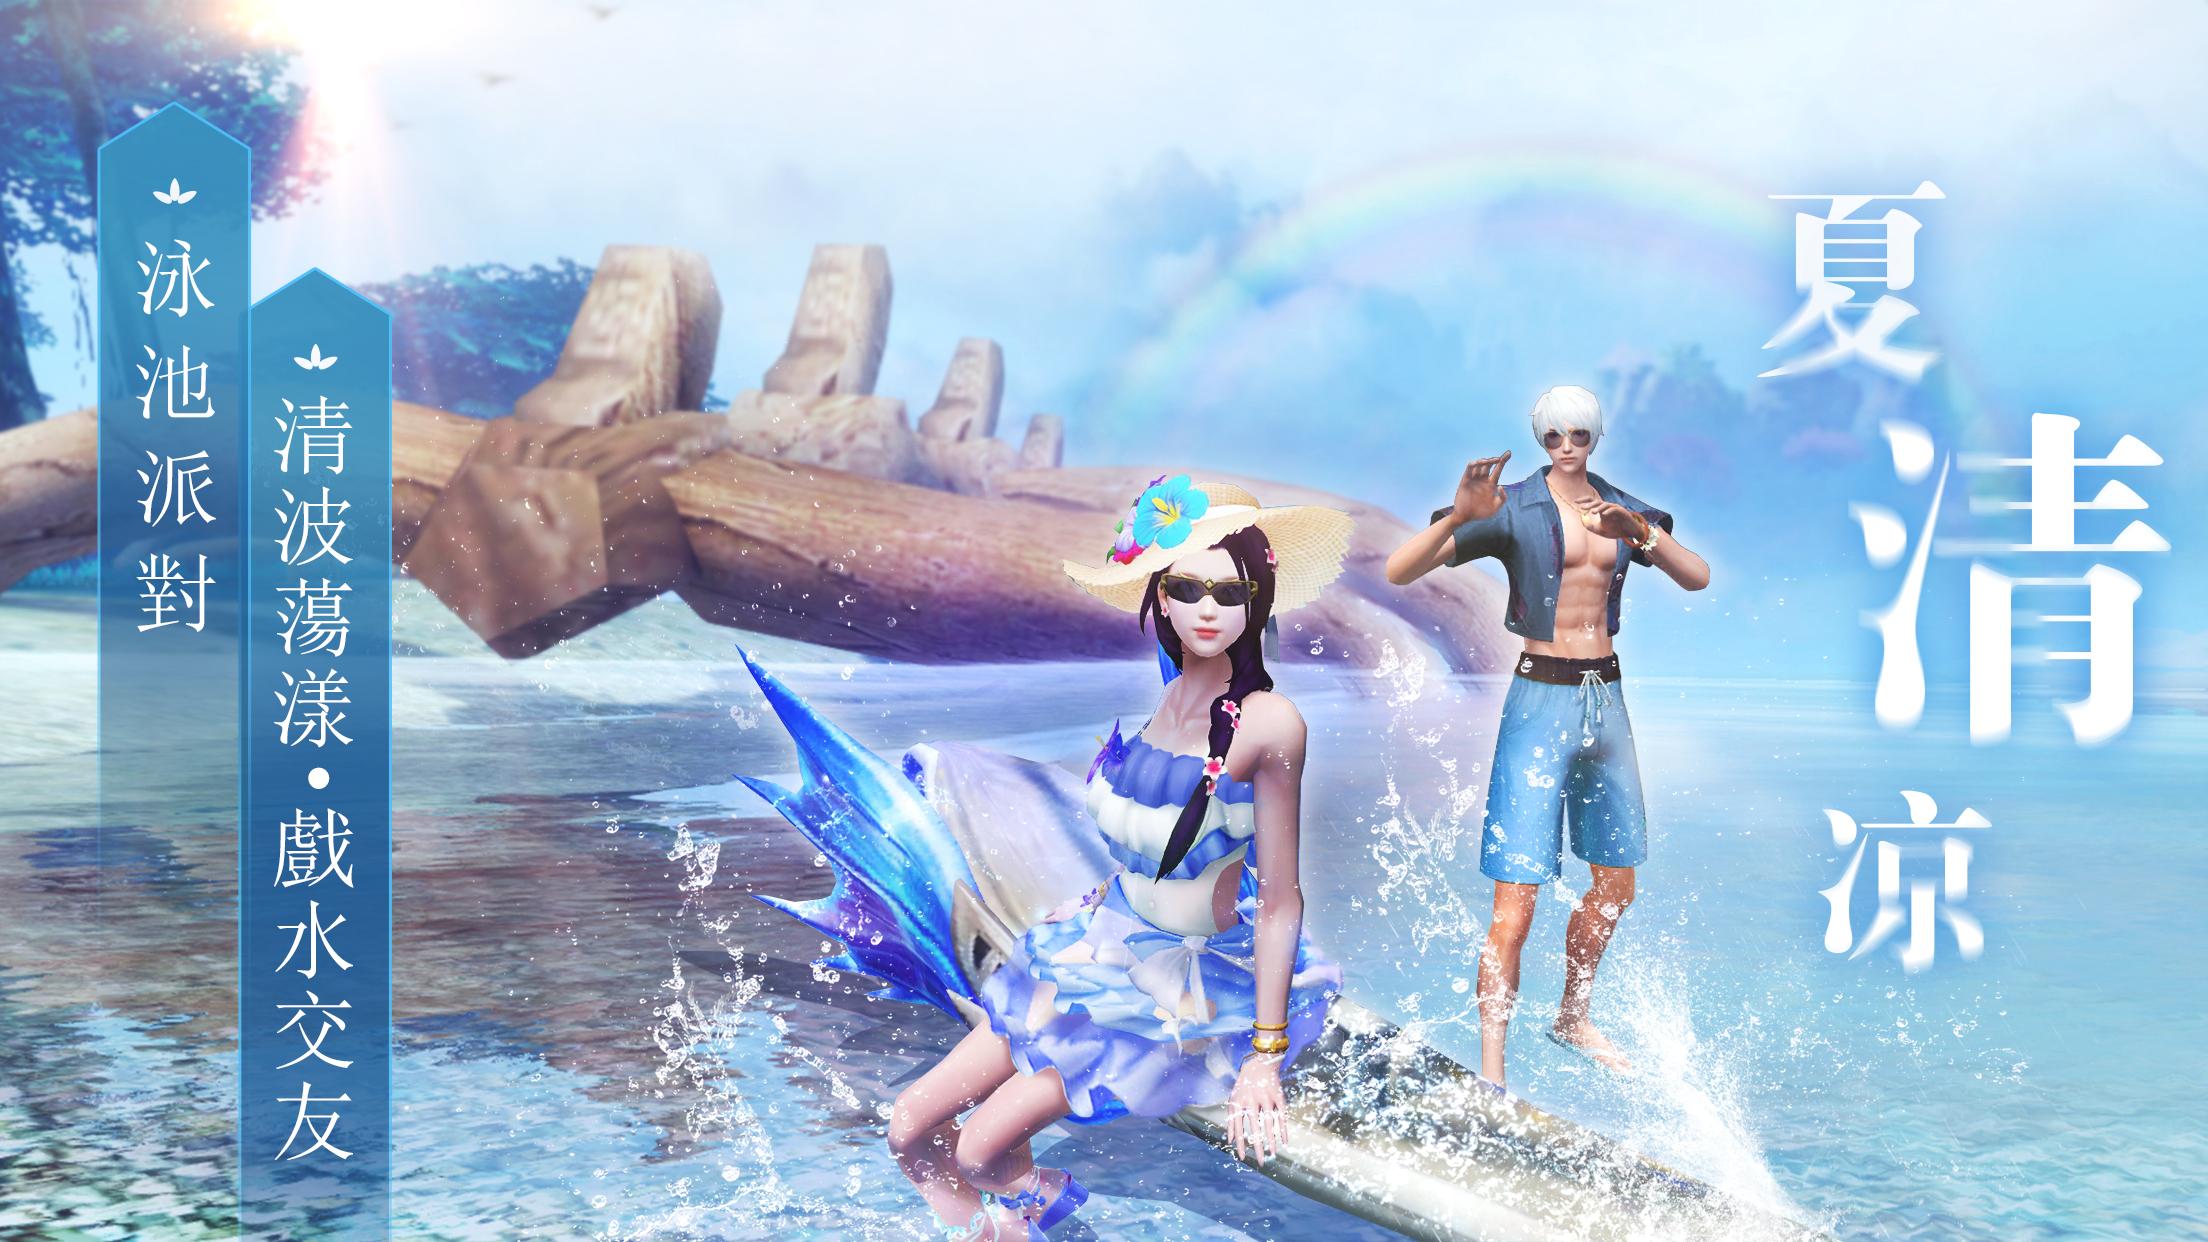 亂世尋愛MMO《白髮謠》雙平台甜虐上線 清涼泳裝盛夏開趴